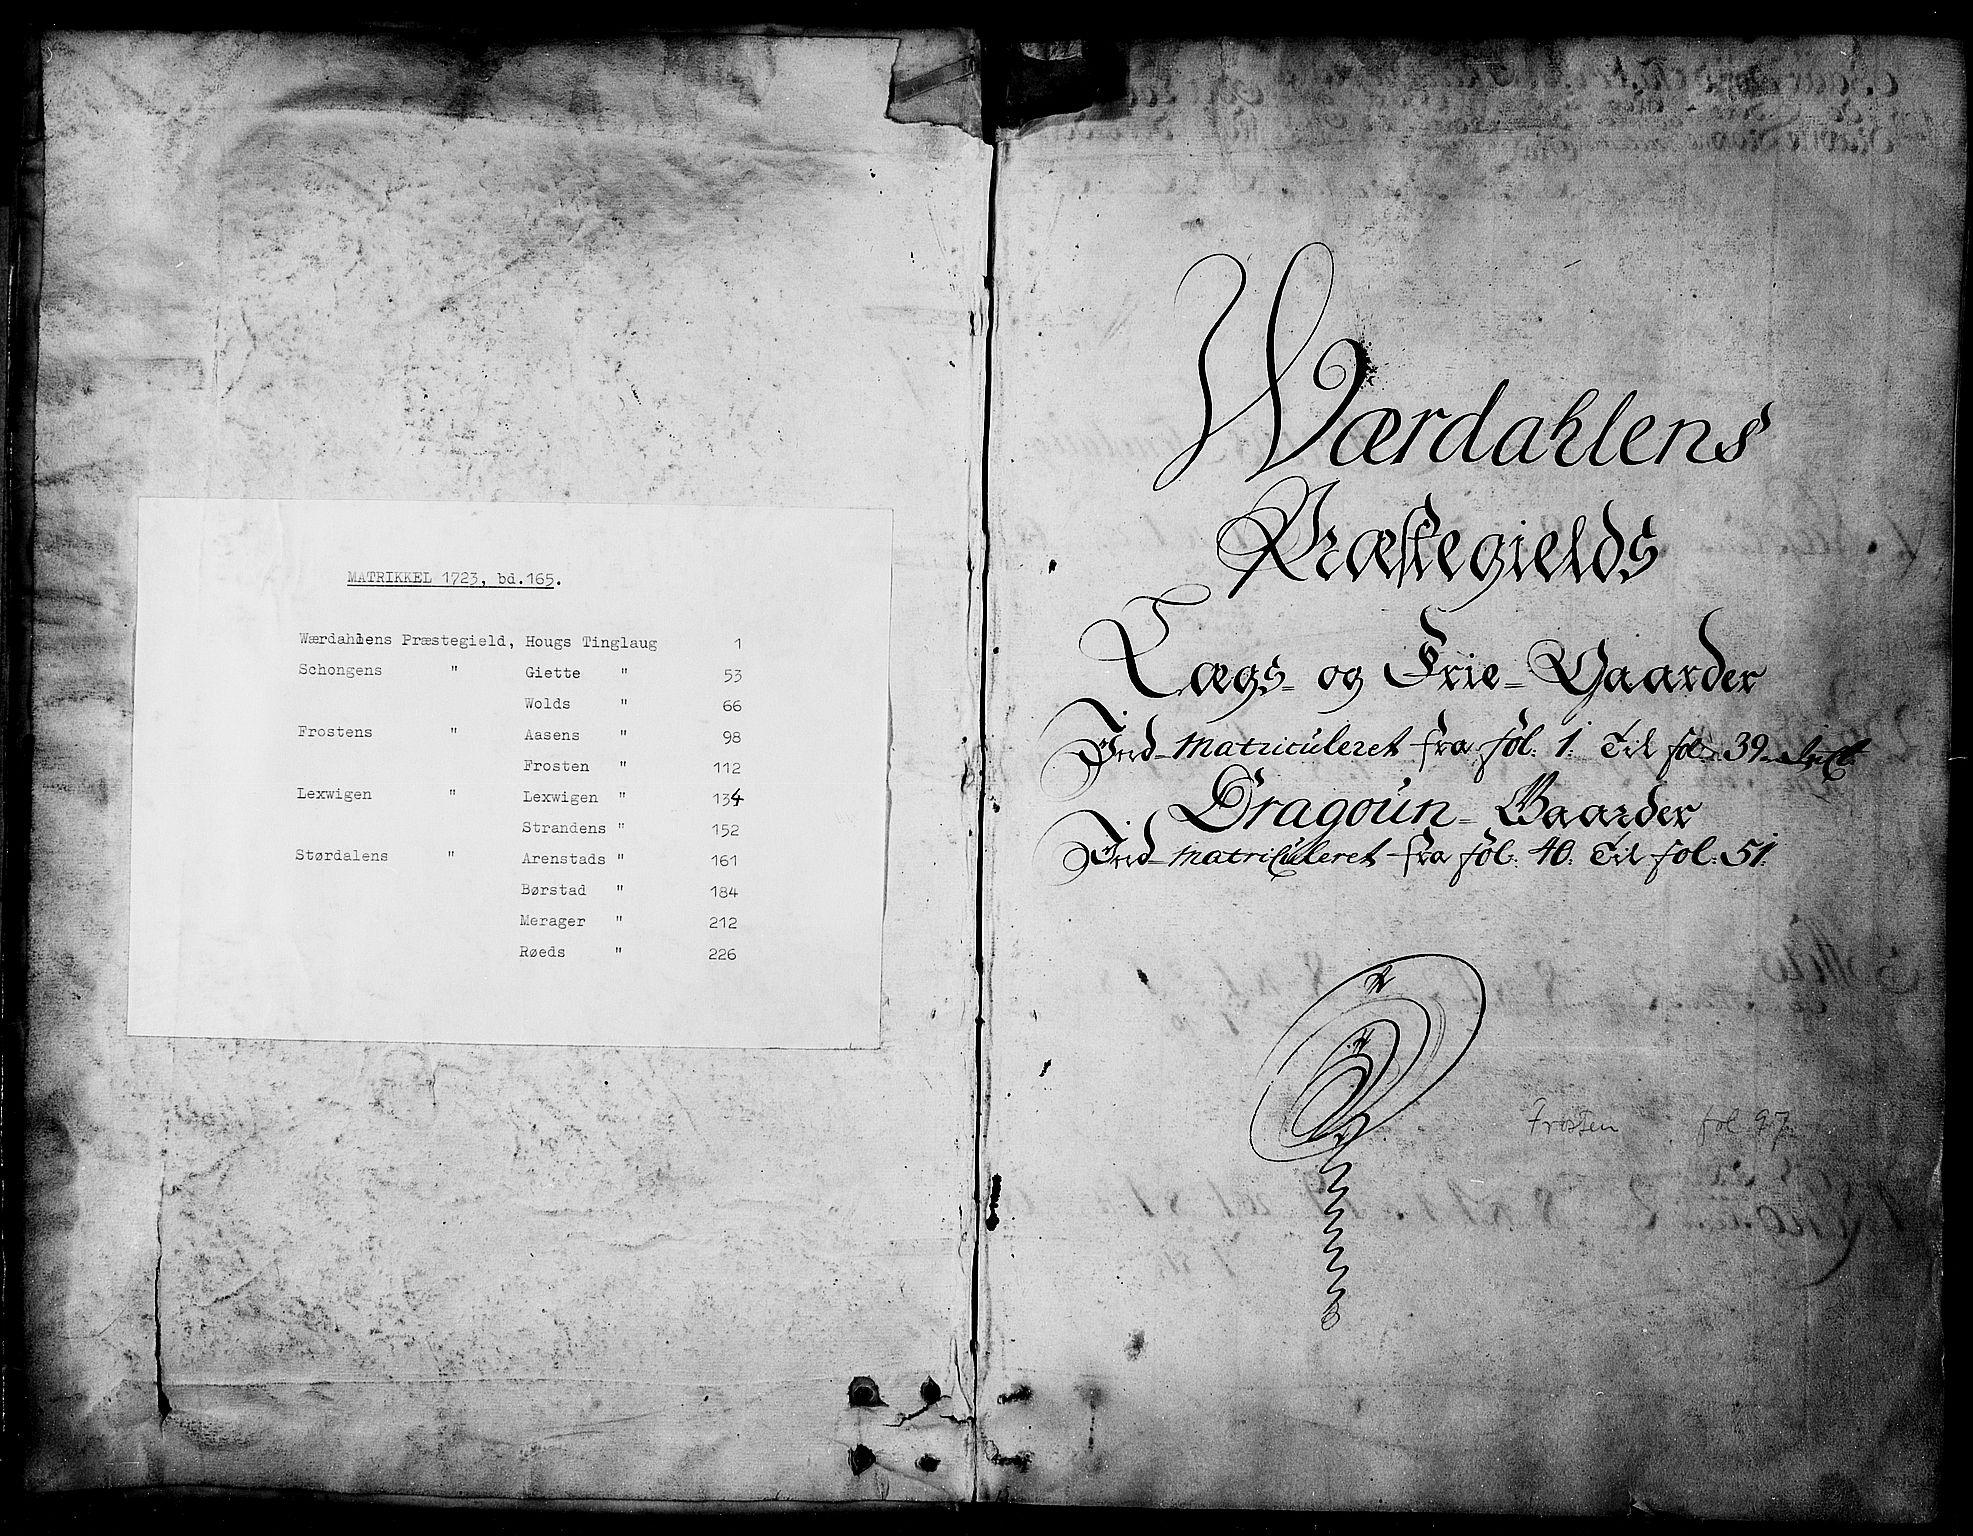 RA, Rentekammeret inntil 1814, Realistisk ordnet avdeling, N/Nb/Nbf/L0165: Stjørdal og Verdal matrikkelprotokoll, 1723, s. upaginert